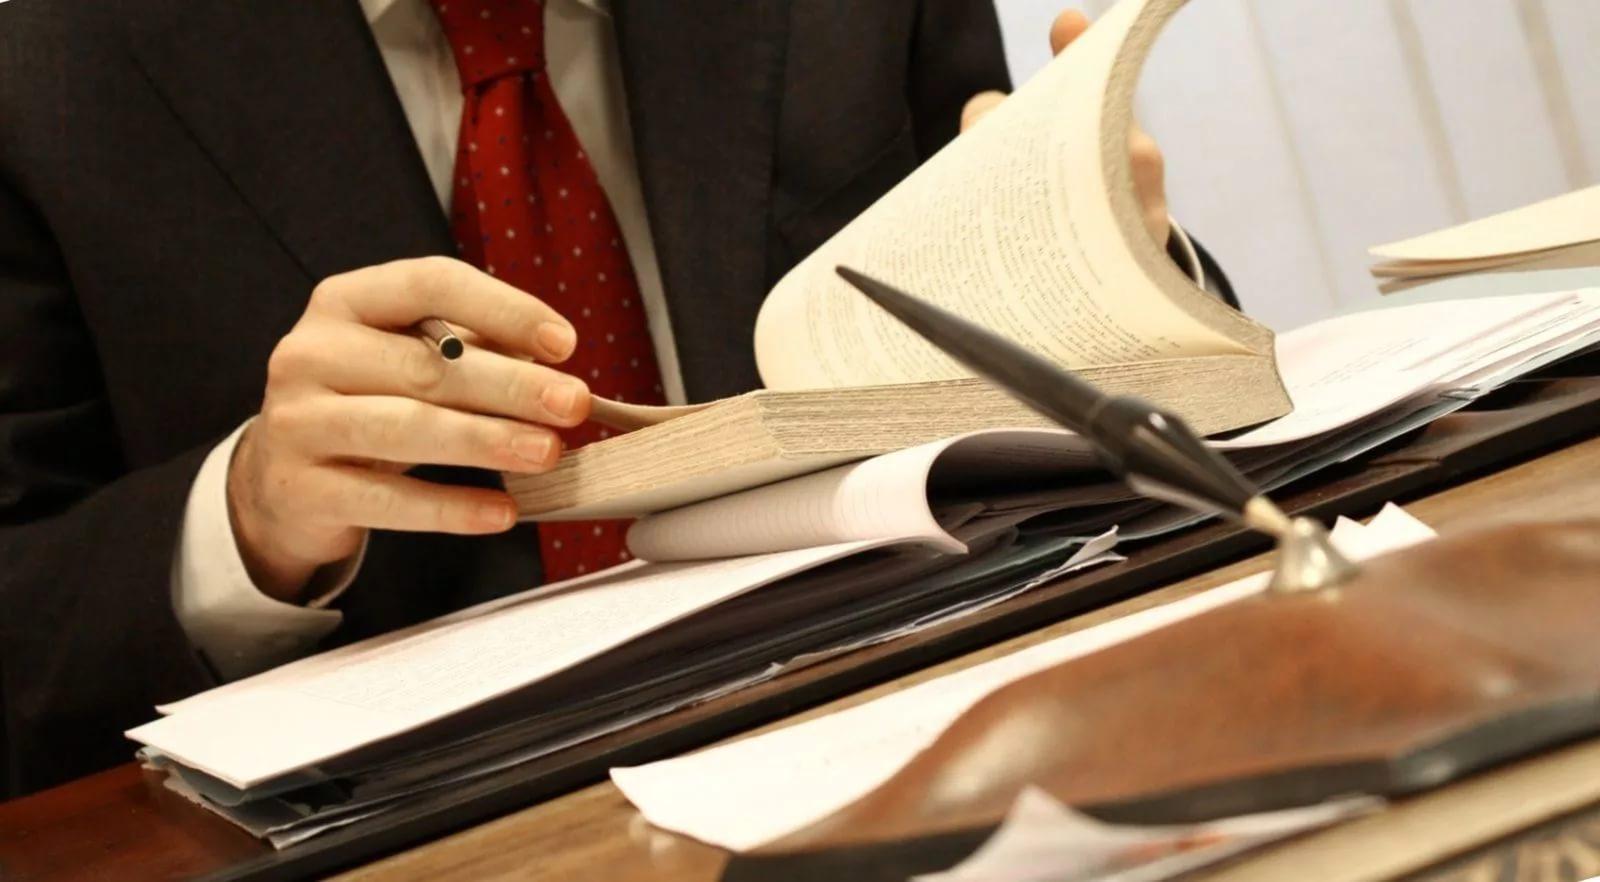 растворилась, юрист онлайн работа юристом думал